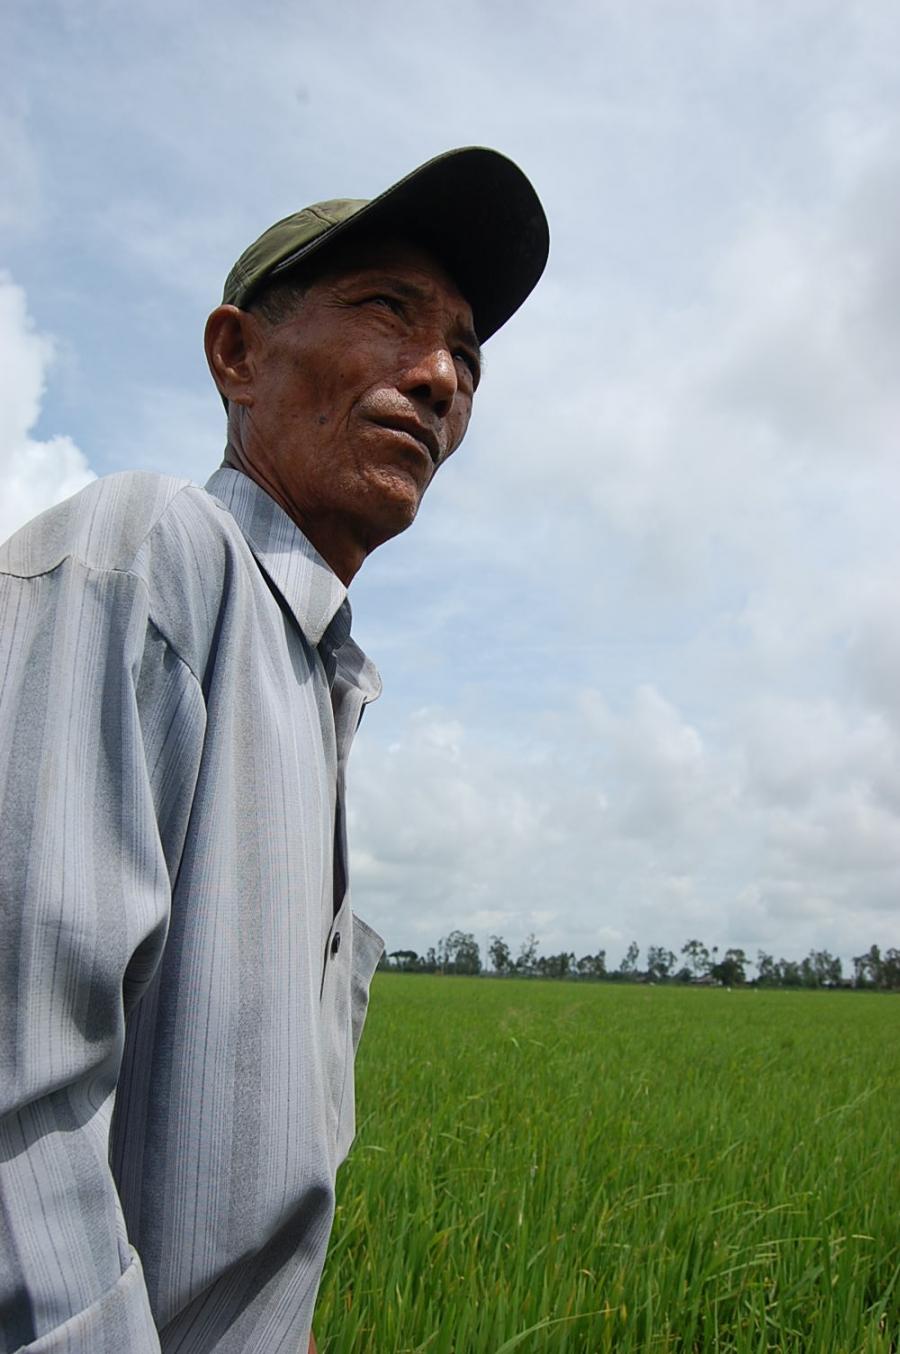 Rice farmer Hai Thach on his farm in Soc Trang Province.